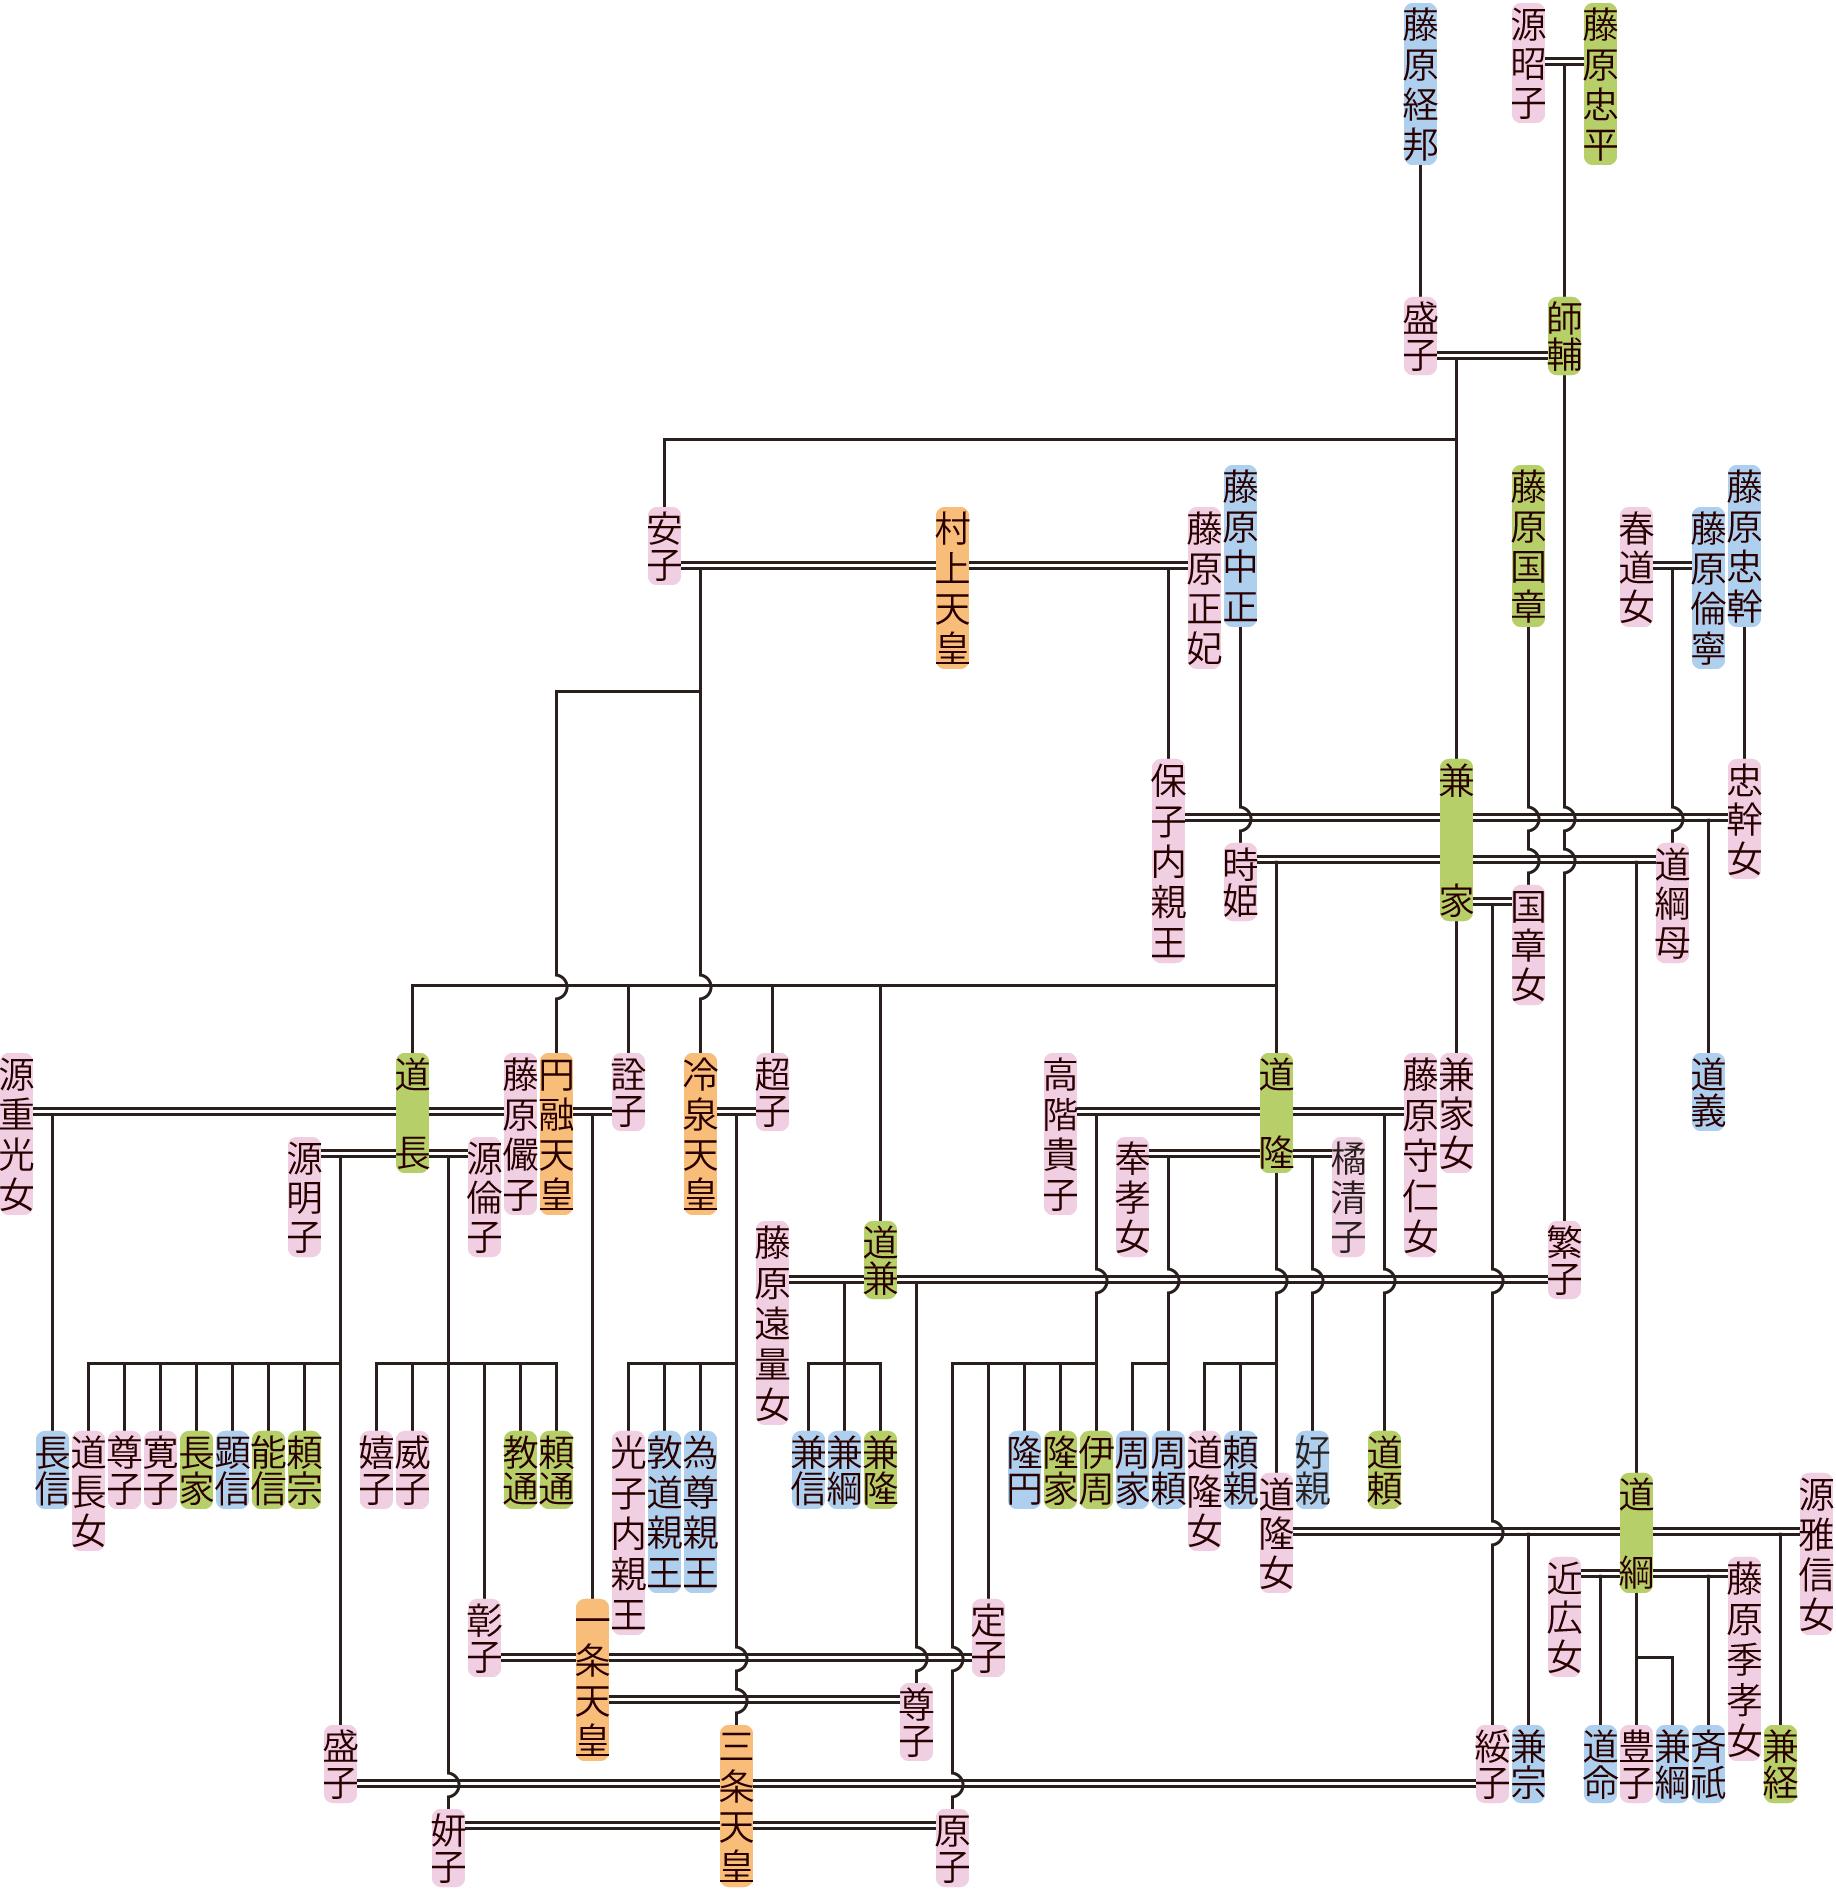 藤原兼家の系図